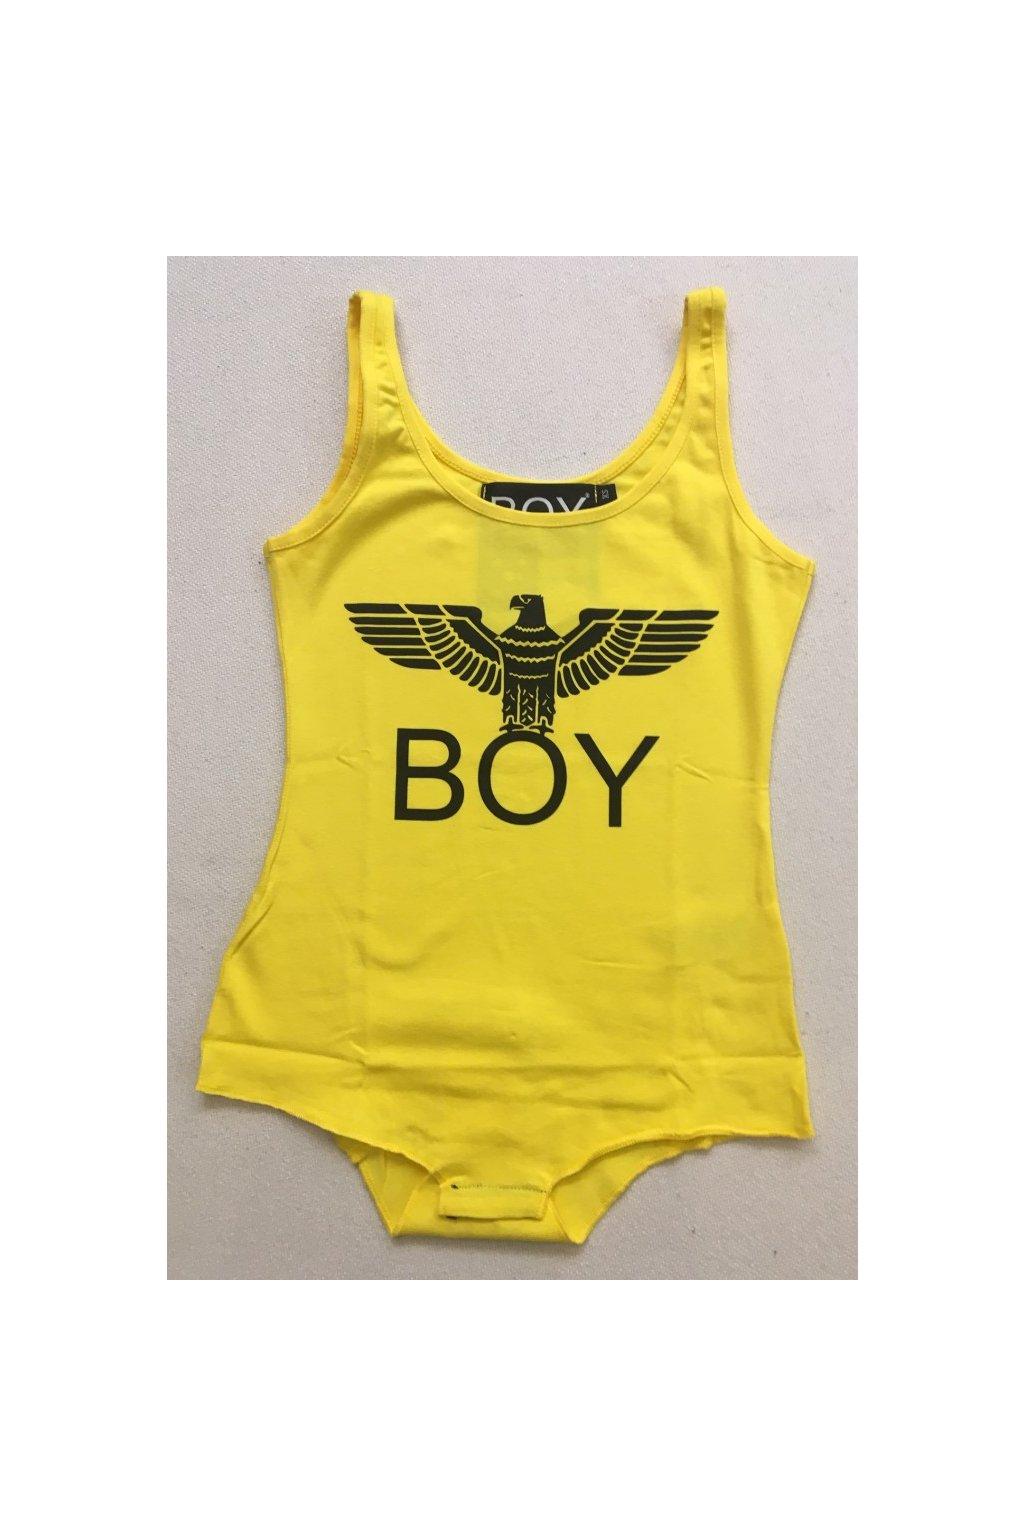 Body tílko Boy London - žluté (Velikost Velikost M)